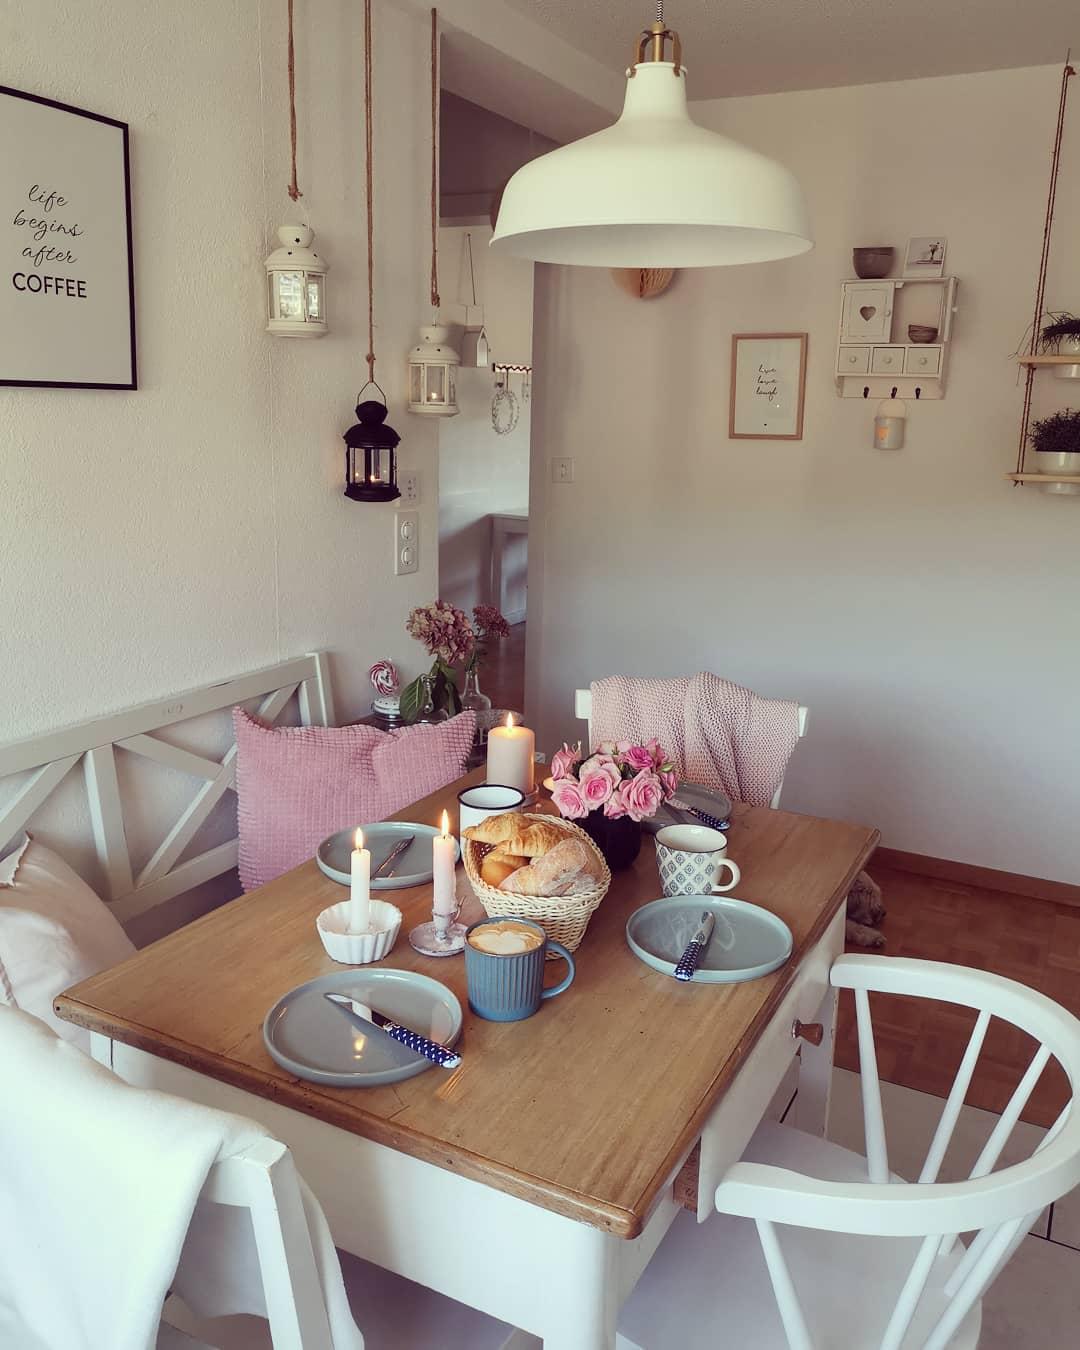 Guten Morgen ♡ Wir Sind Spät Dran Heute, Wohnkonfetti - Decoration Ideas